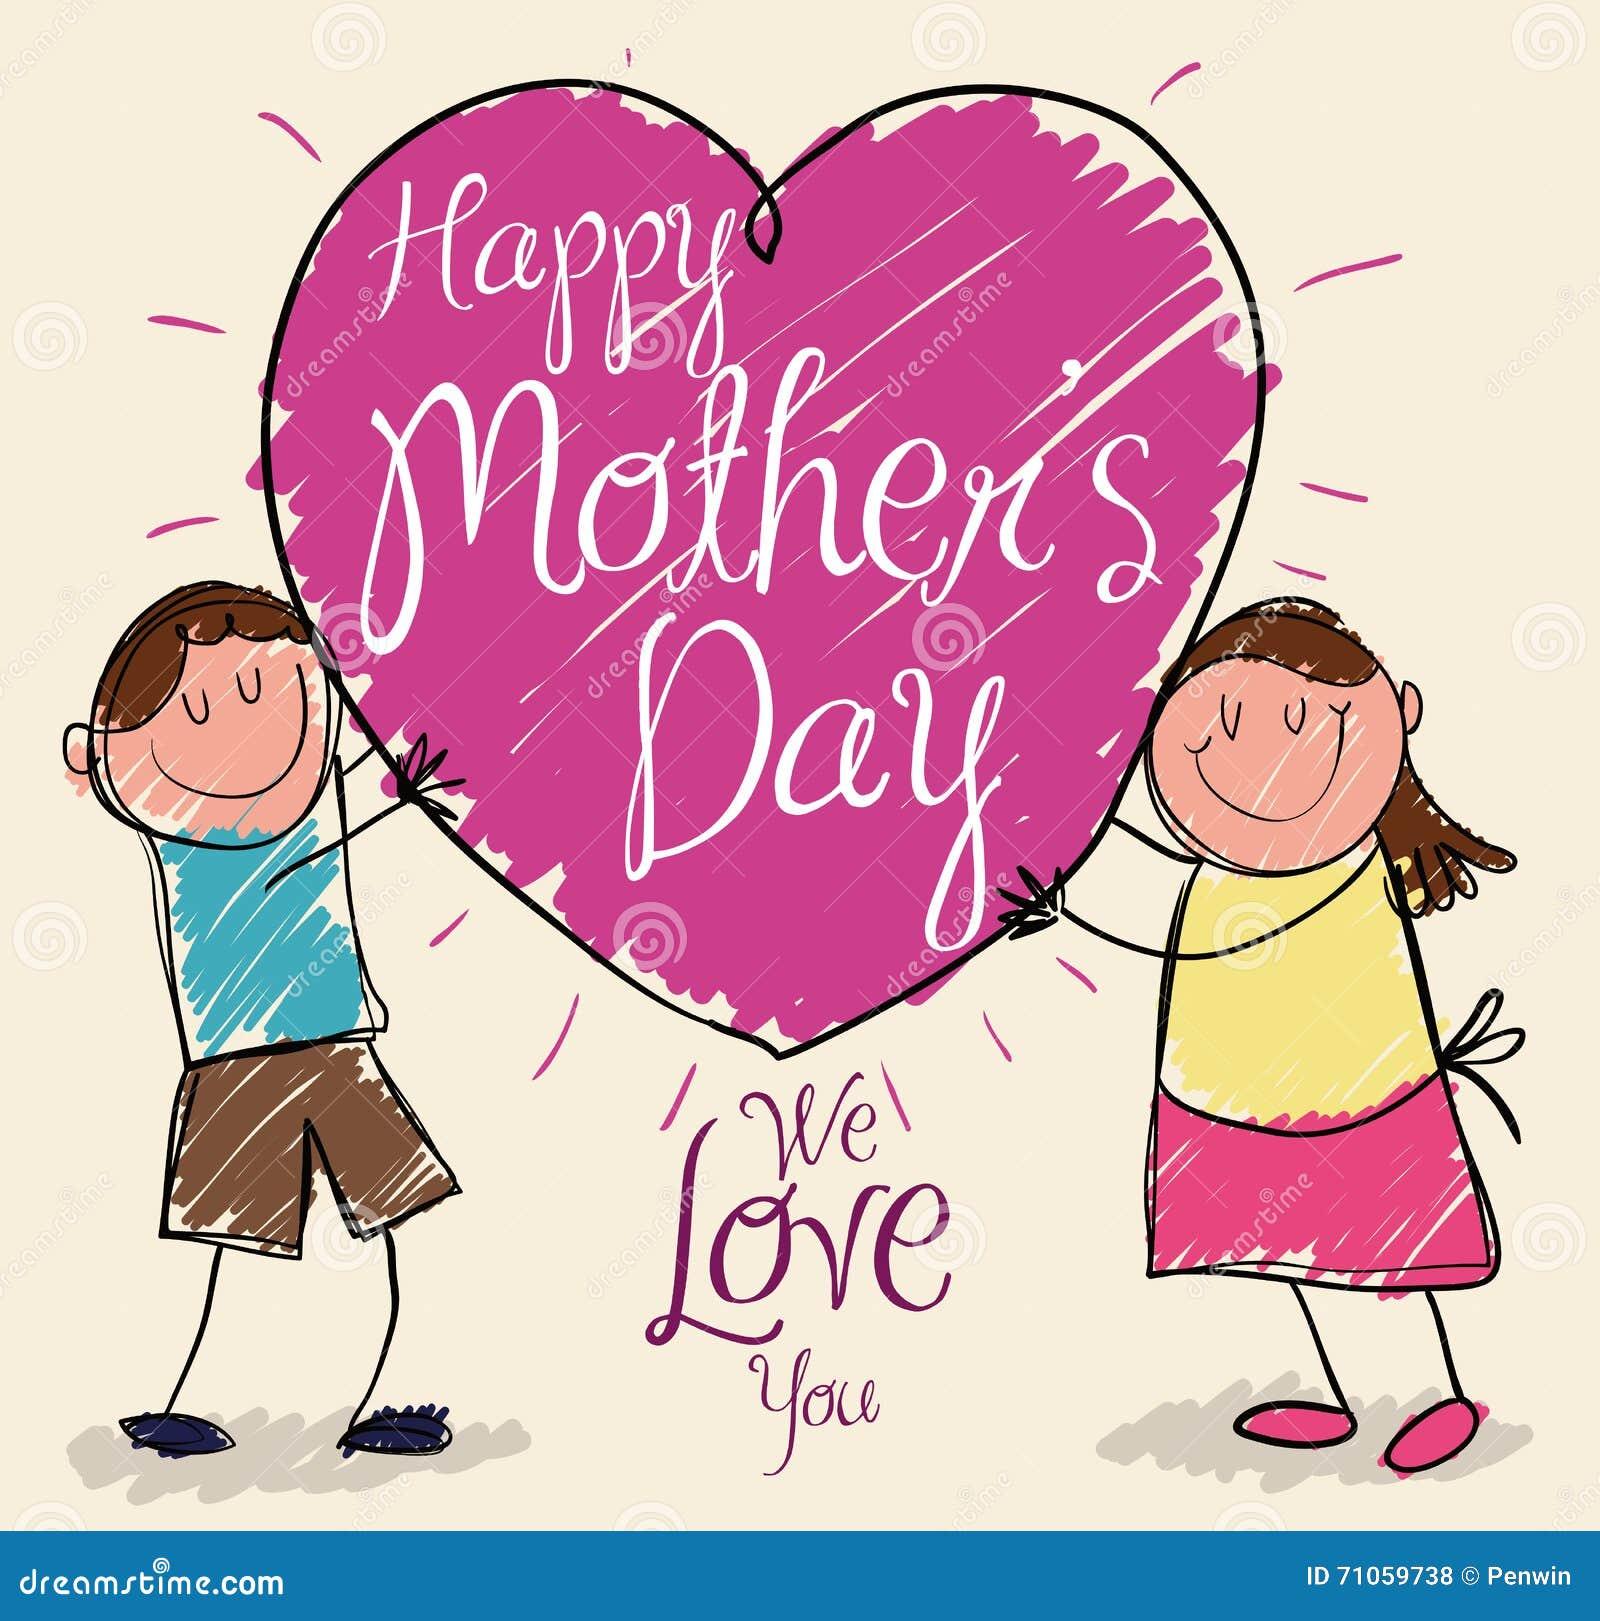 儿子和女儿妈妈的礼物图画在母亲节,传染媒介图片